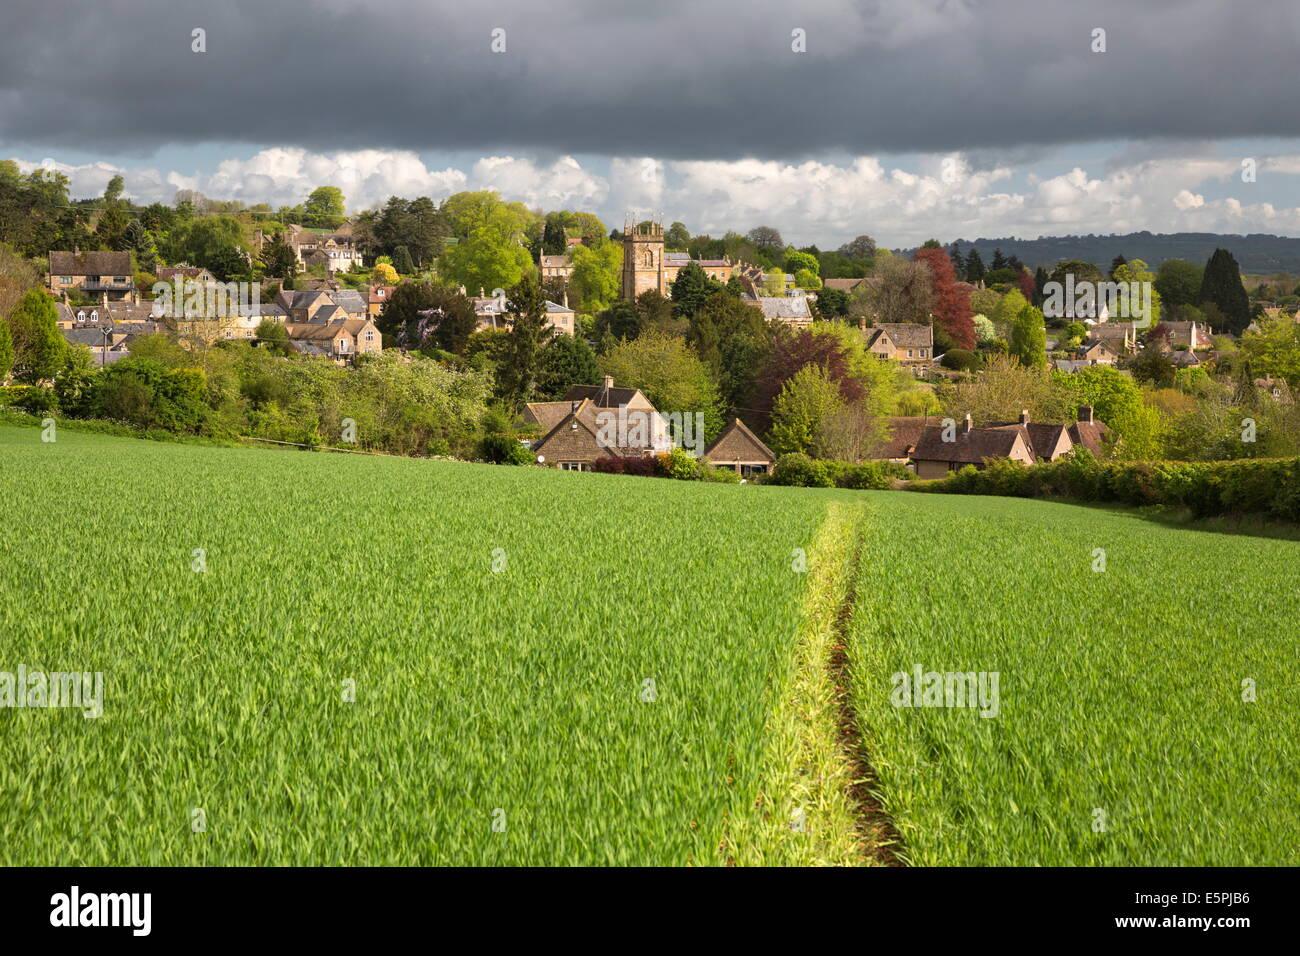 Blockley, Cotswolds, Gloucestershire, England, United Kingdom, Europe - Stock Image